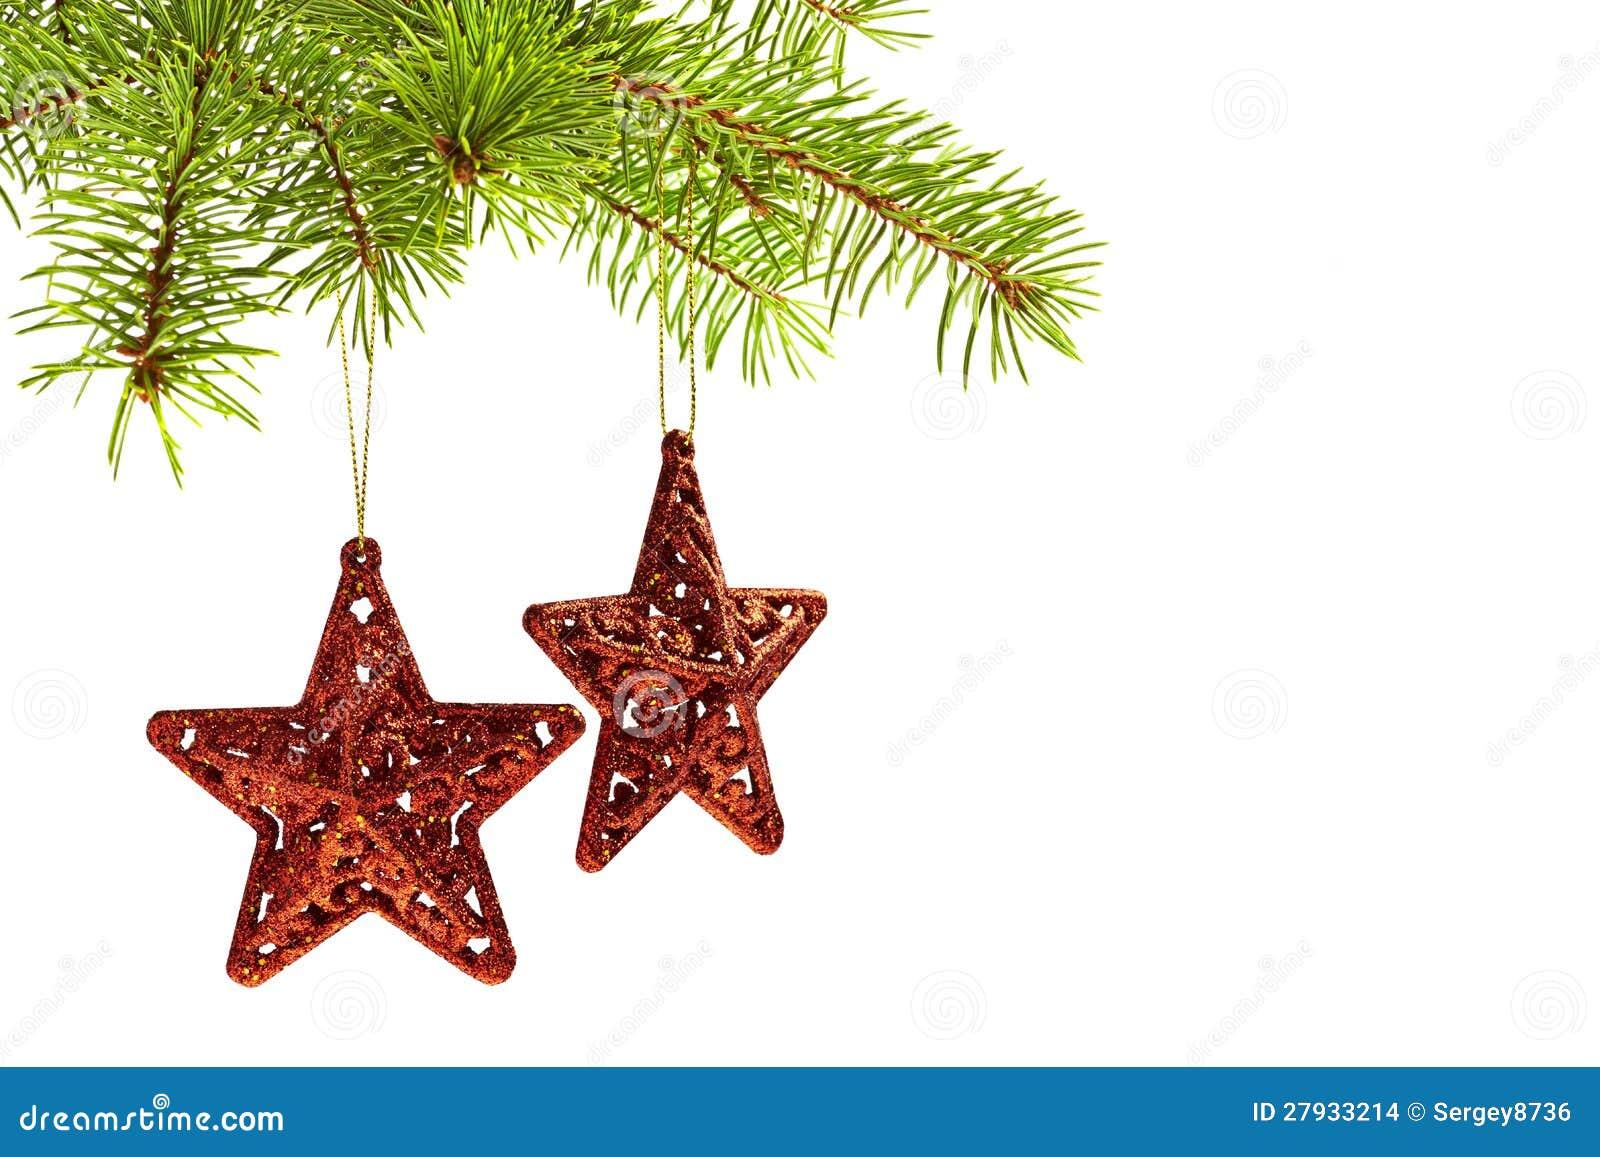 decoracao arvore de natal vermelha:Decoração Da árvore De Natal – Estrelas Vermelhas Imagens de Stock